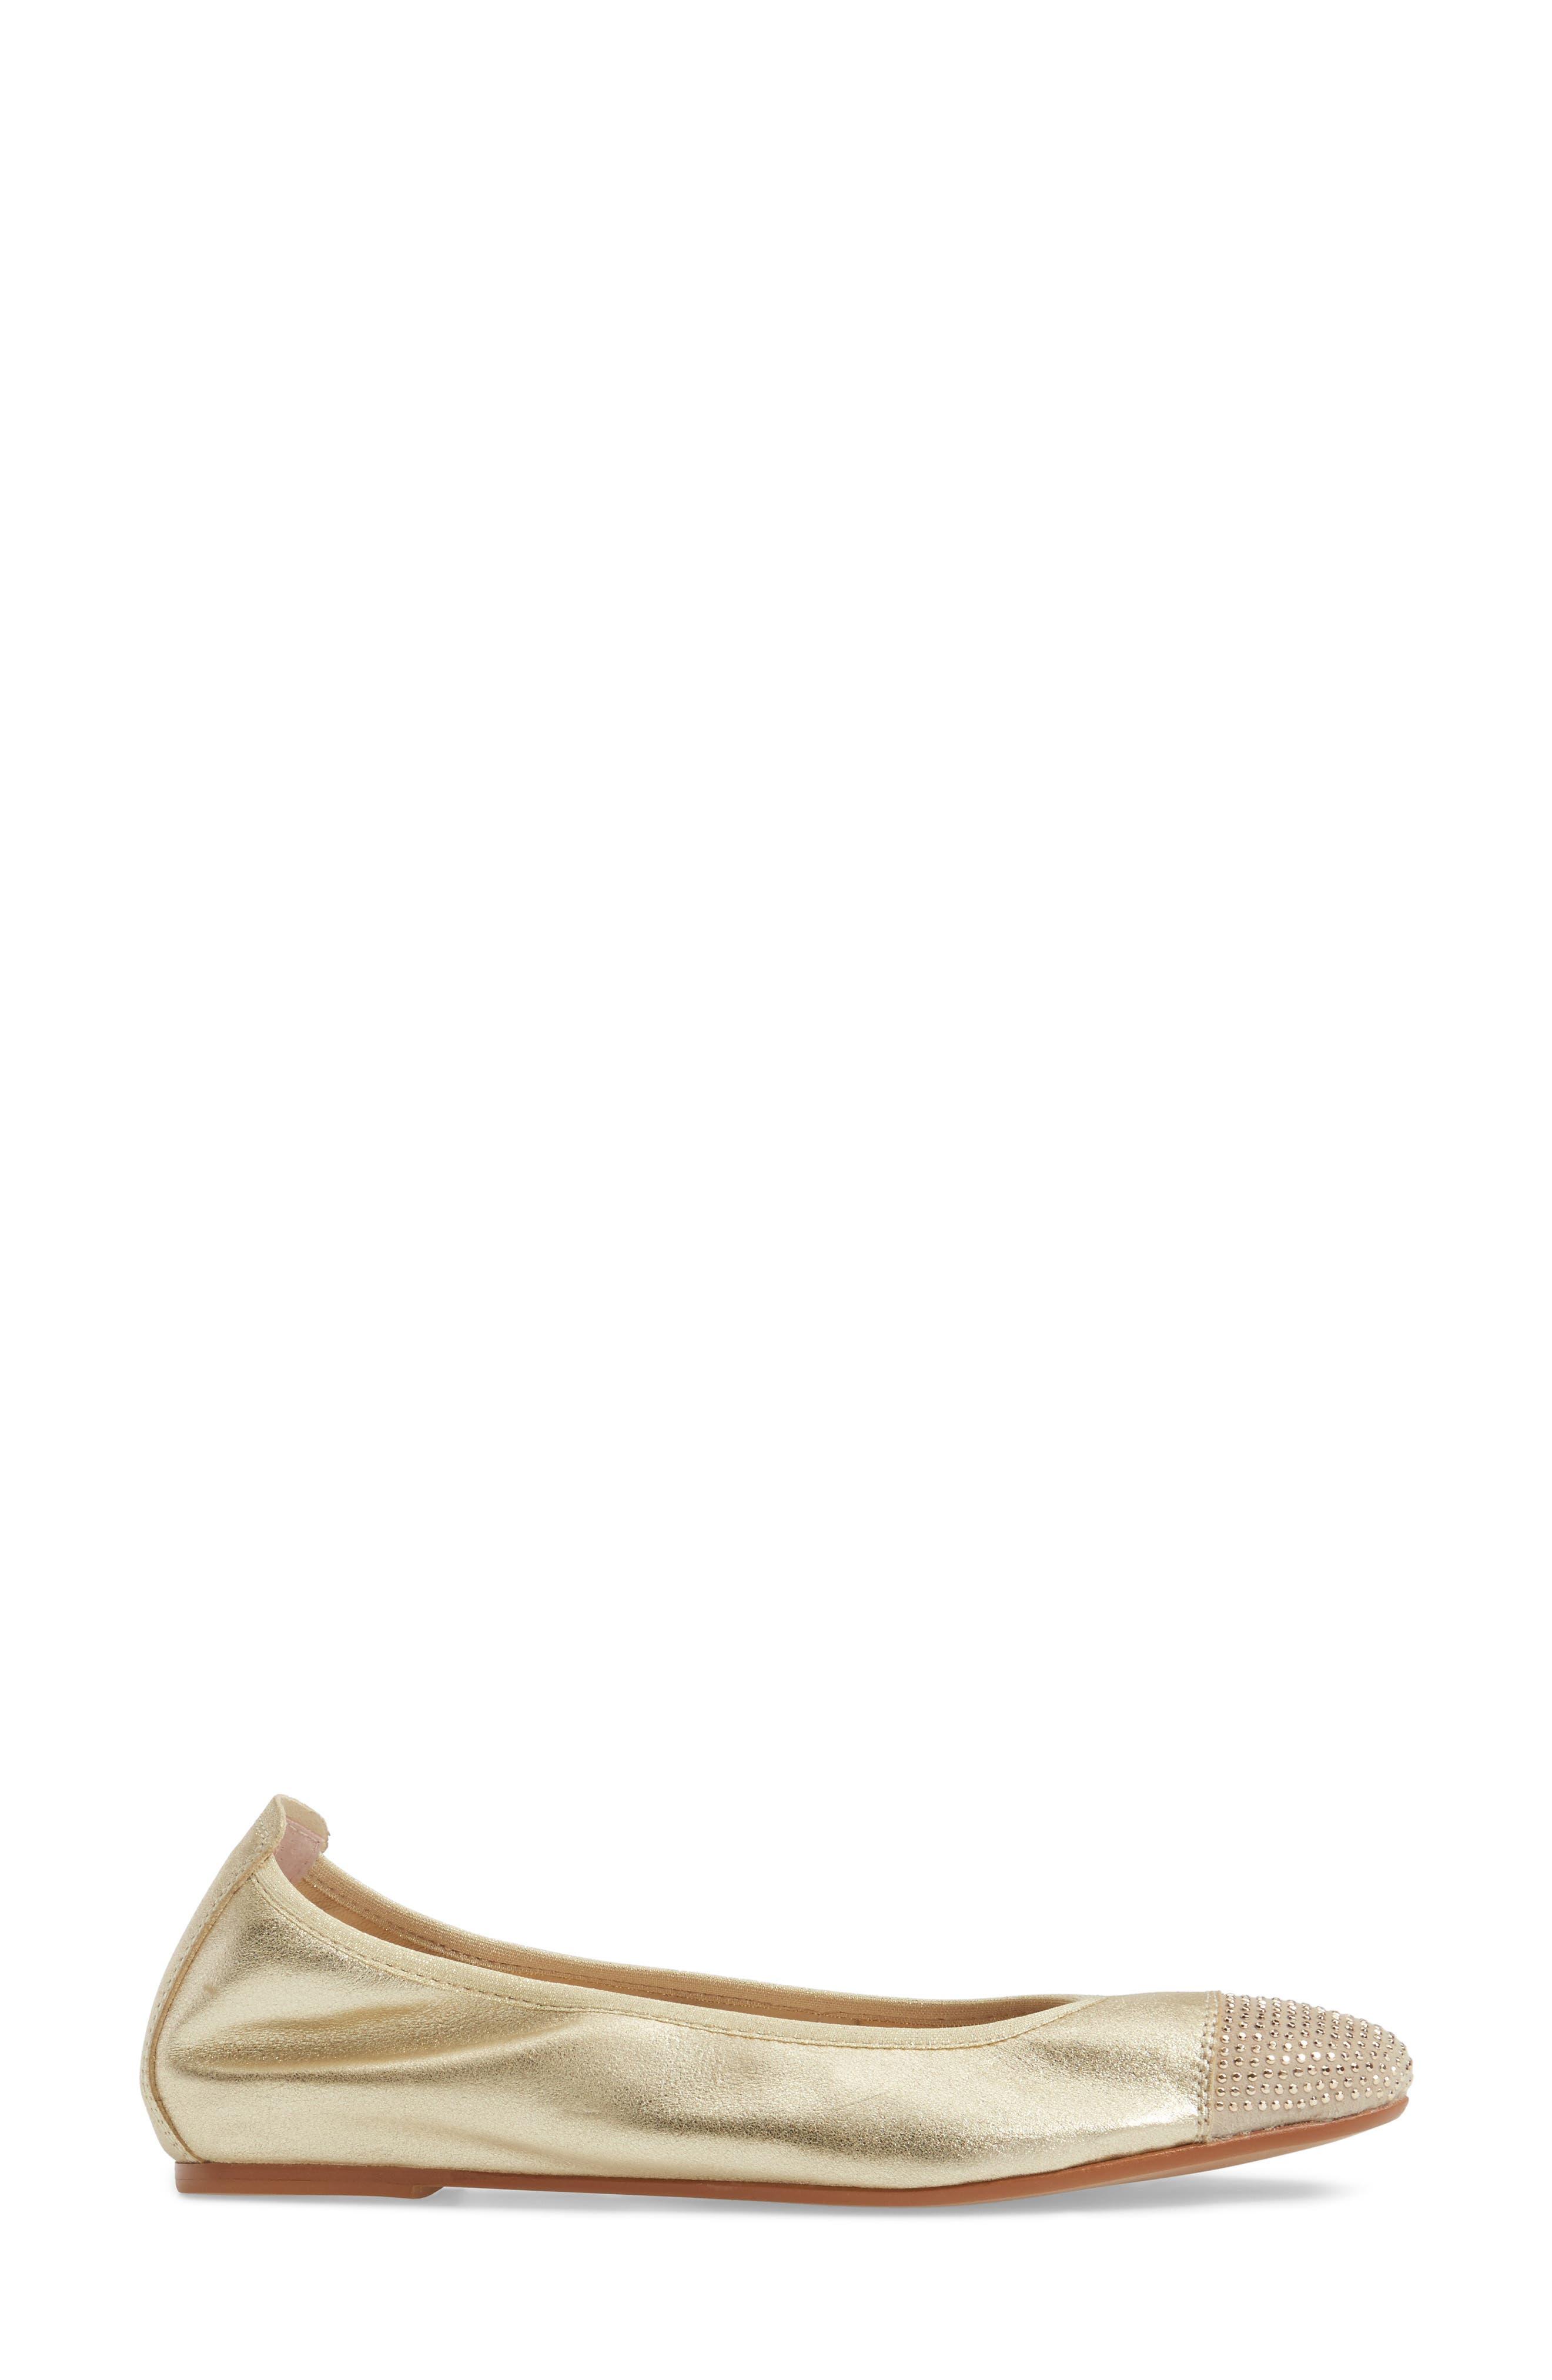 'Starr' Studded Ballet Flat,                             Alternate thumbnail 11, color,